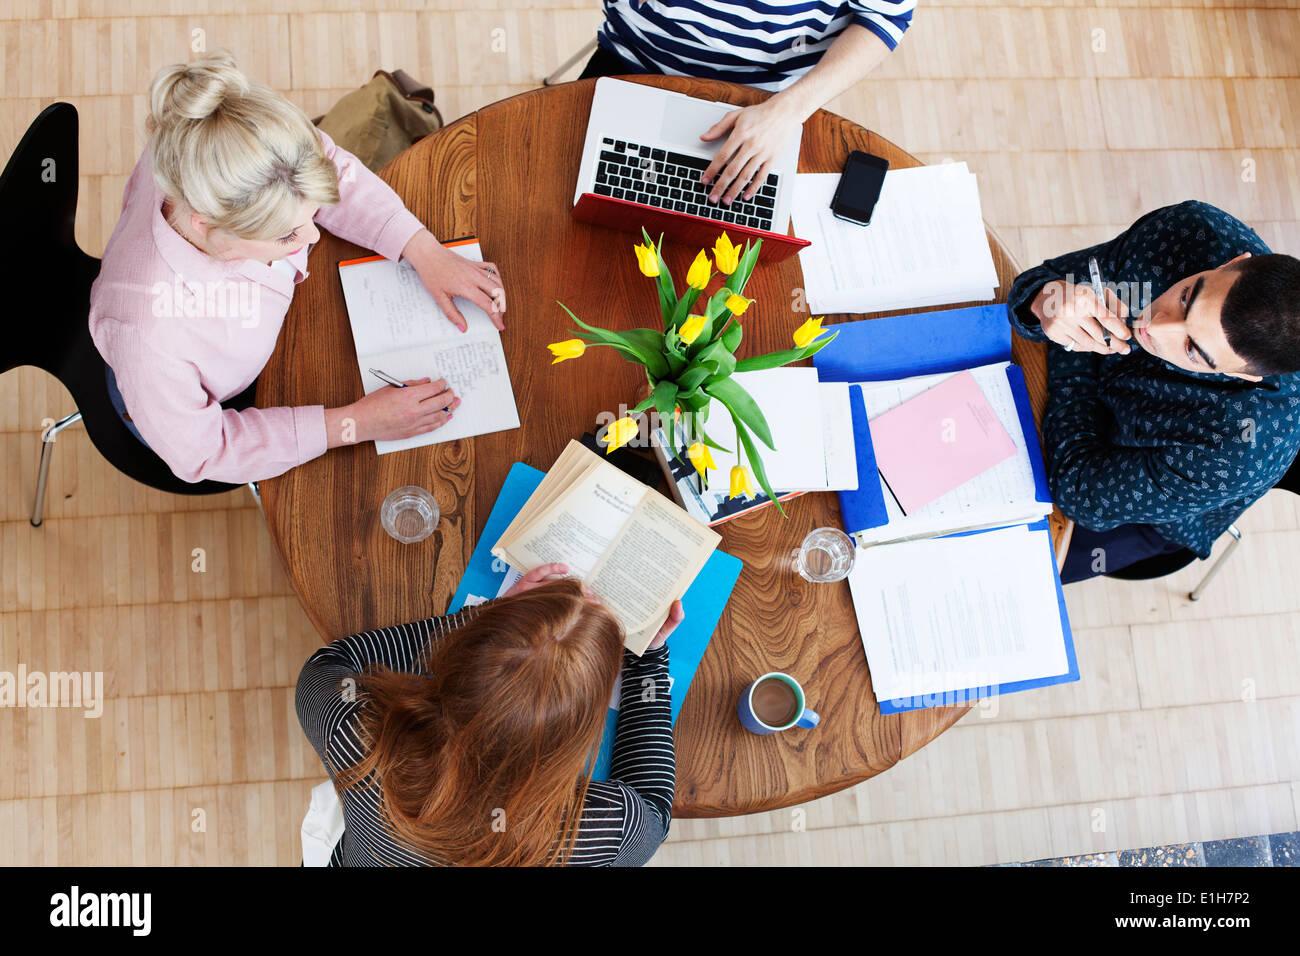 Luftaufnahme von vier jungen Erwachsenen, die herumsitzen und Studium der Tabelle Stockbild